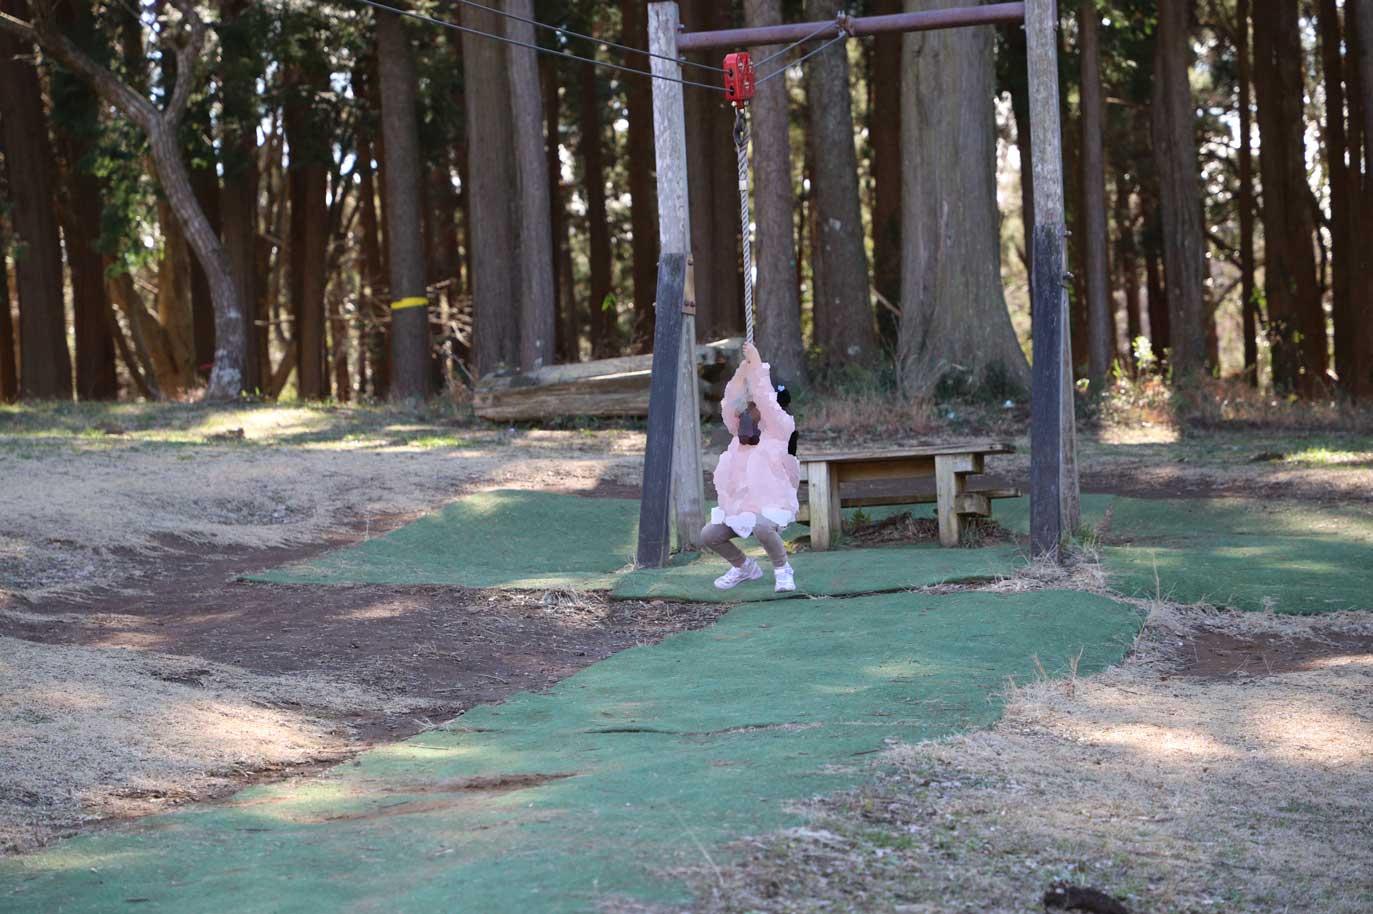 昭和の森のアスレチックのターザン